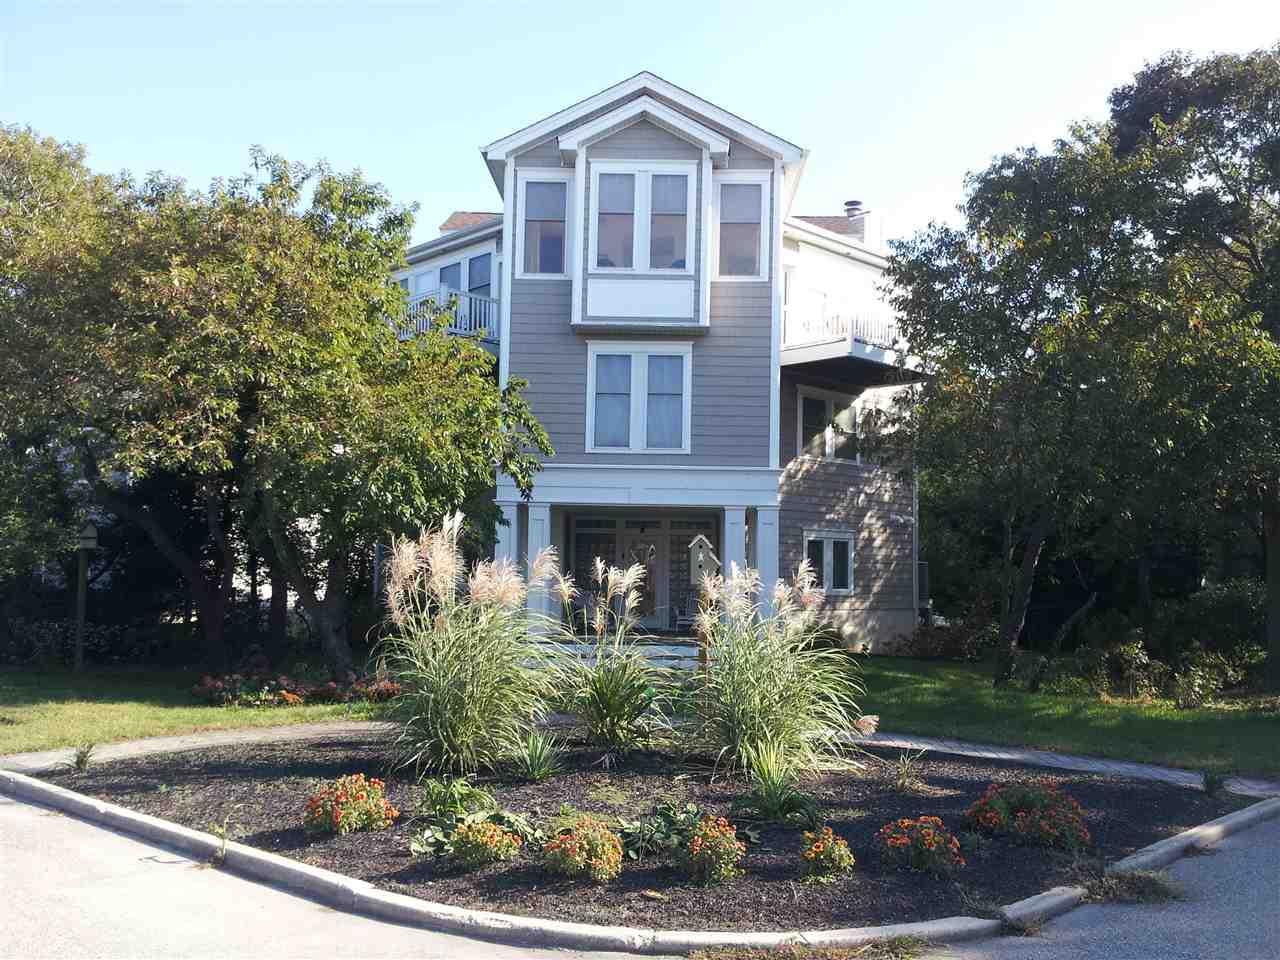 516 Mistletoe Rd, Villas, NJ 08251